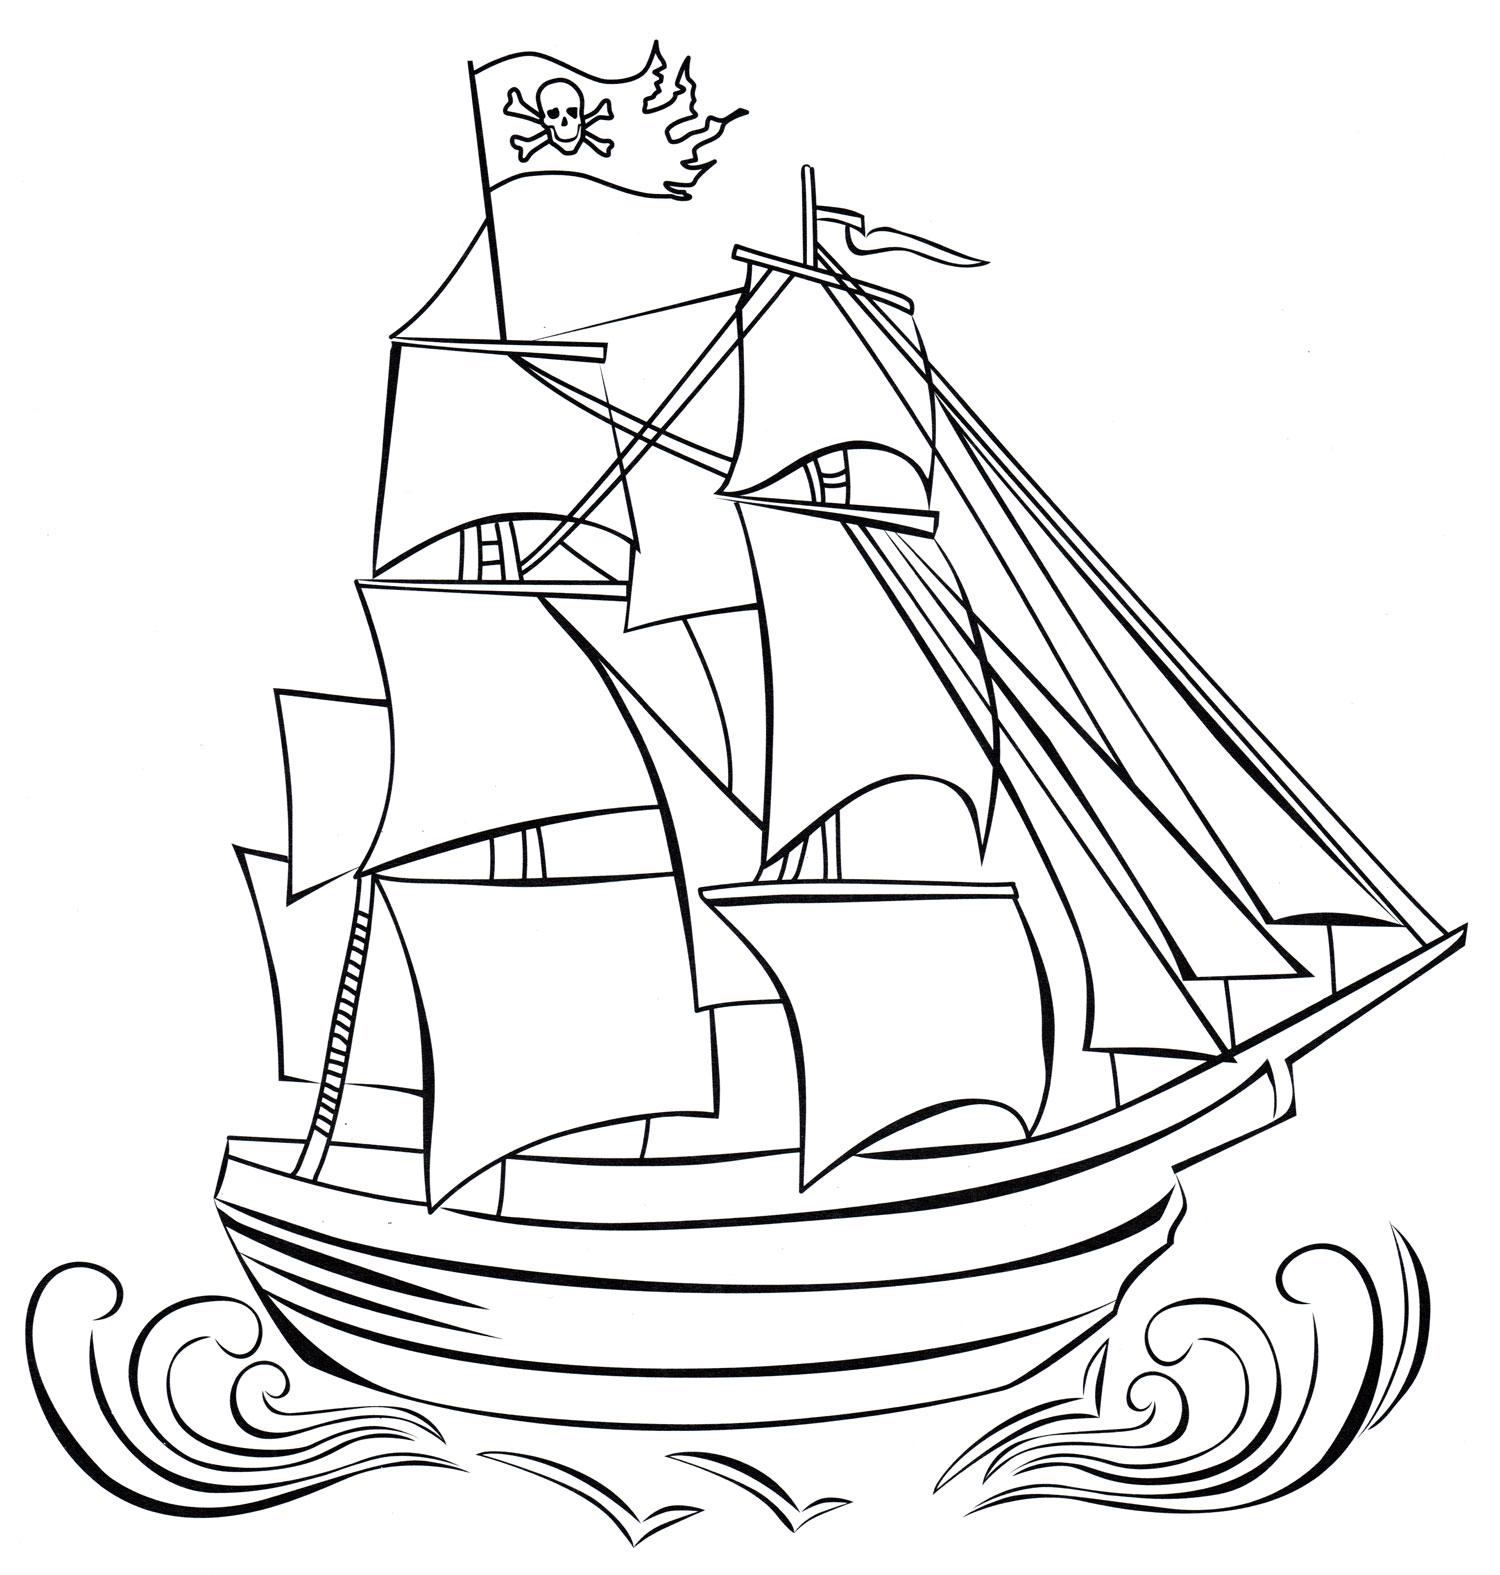 Раскраска Пиратский корабль - распечатать бесплатно